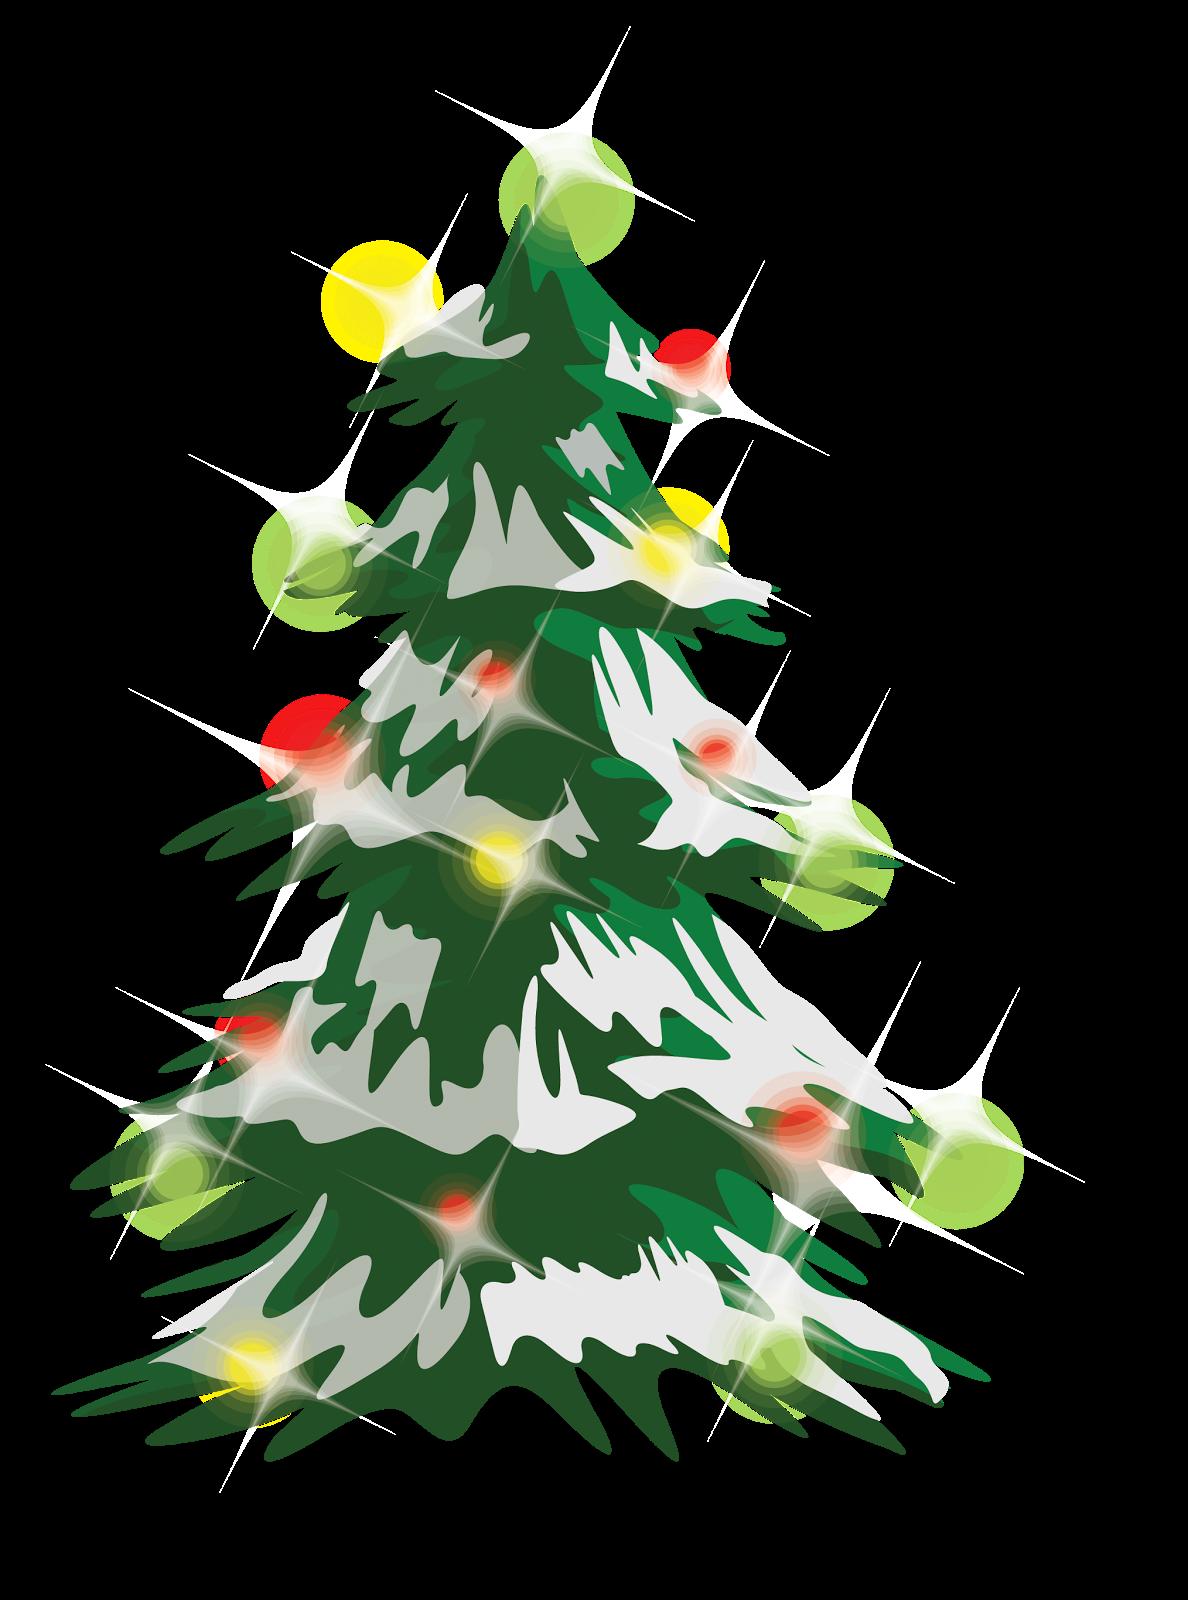 Arbol con nieve dibujo search results calendar 2015 - Arbol navidad nieve ...